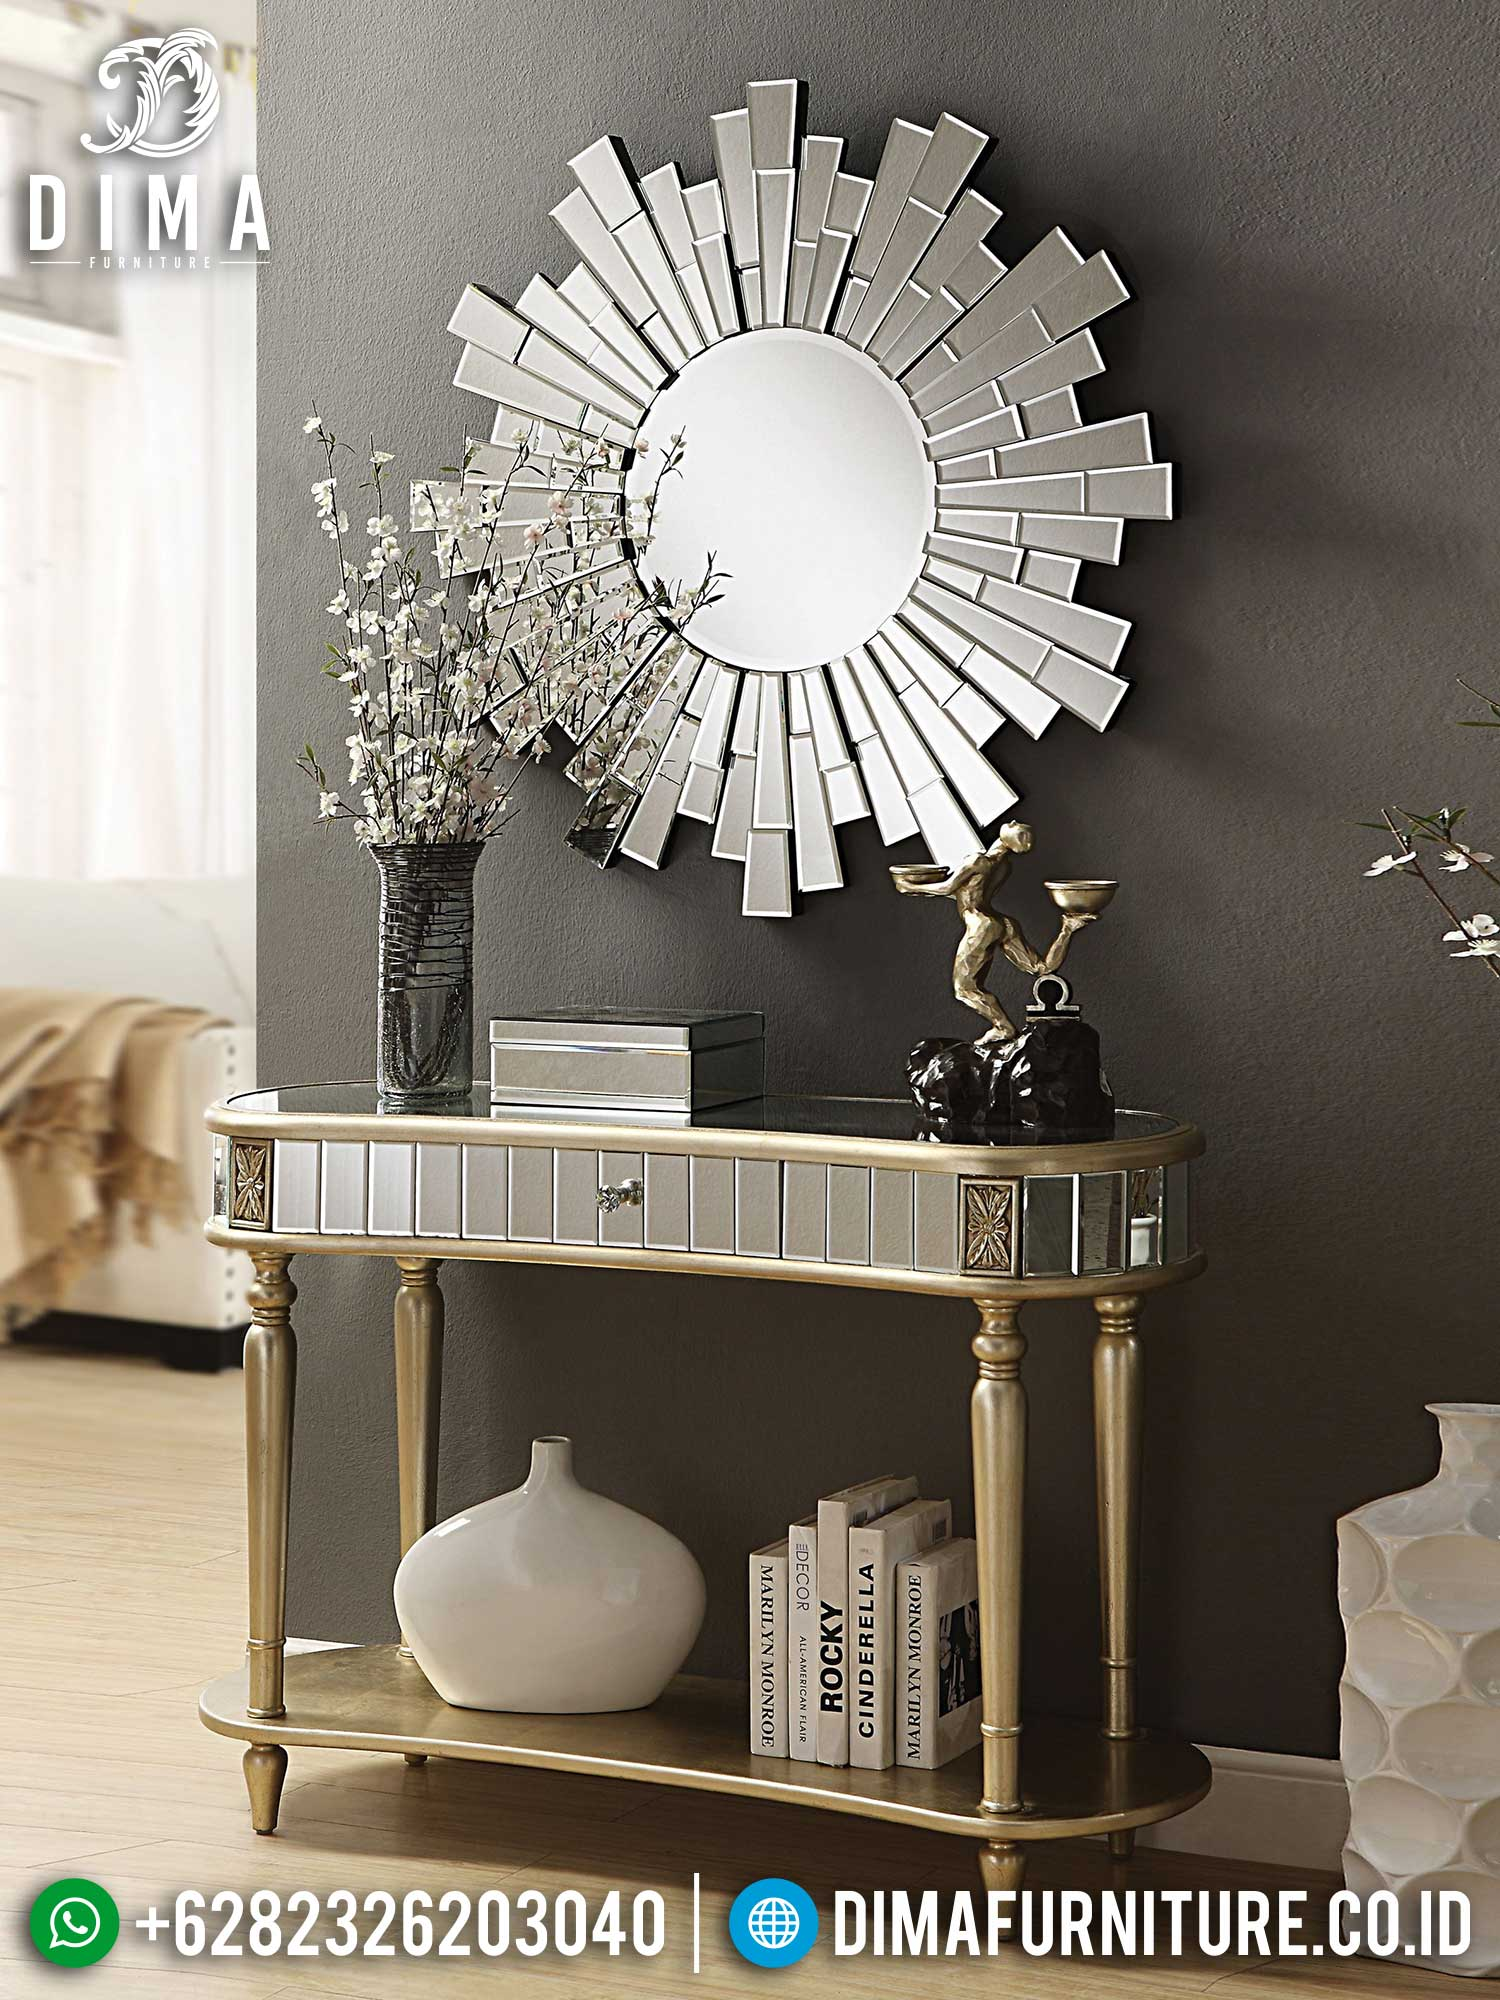 Clarissa Set Meja Konsul Modern Luxury Style Full Glasses Living Room Idea TTJ-1443